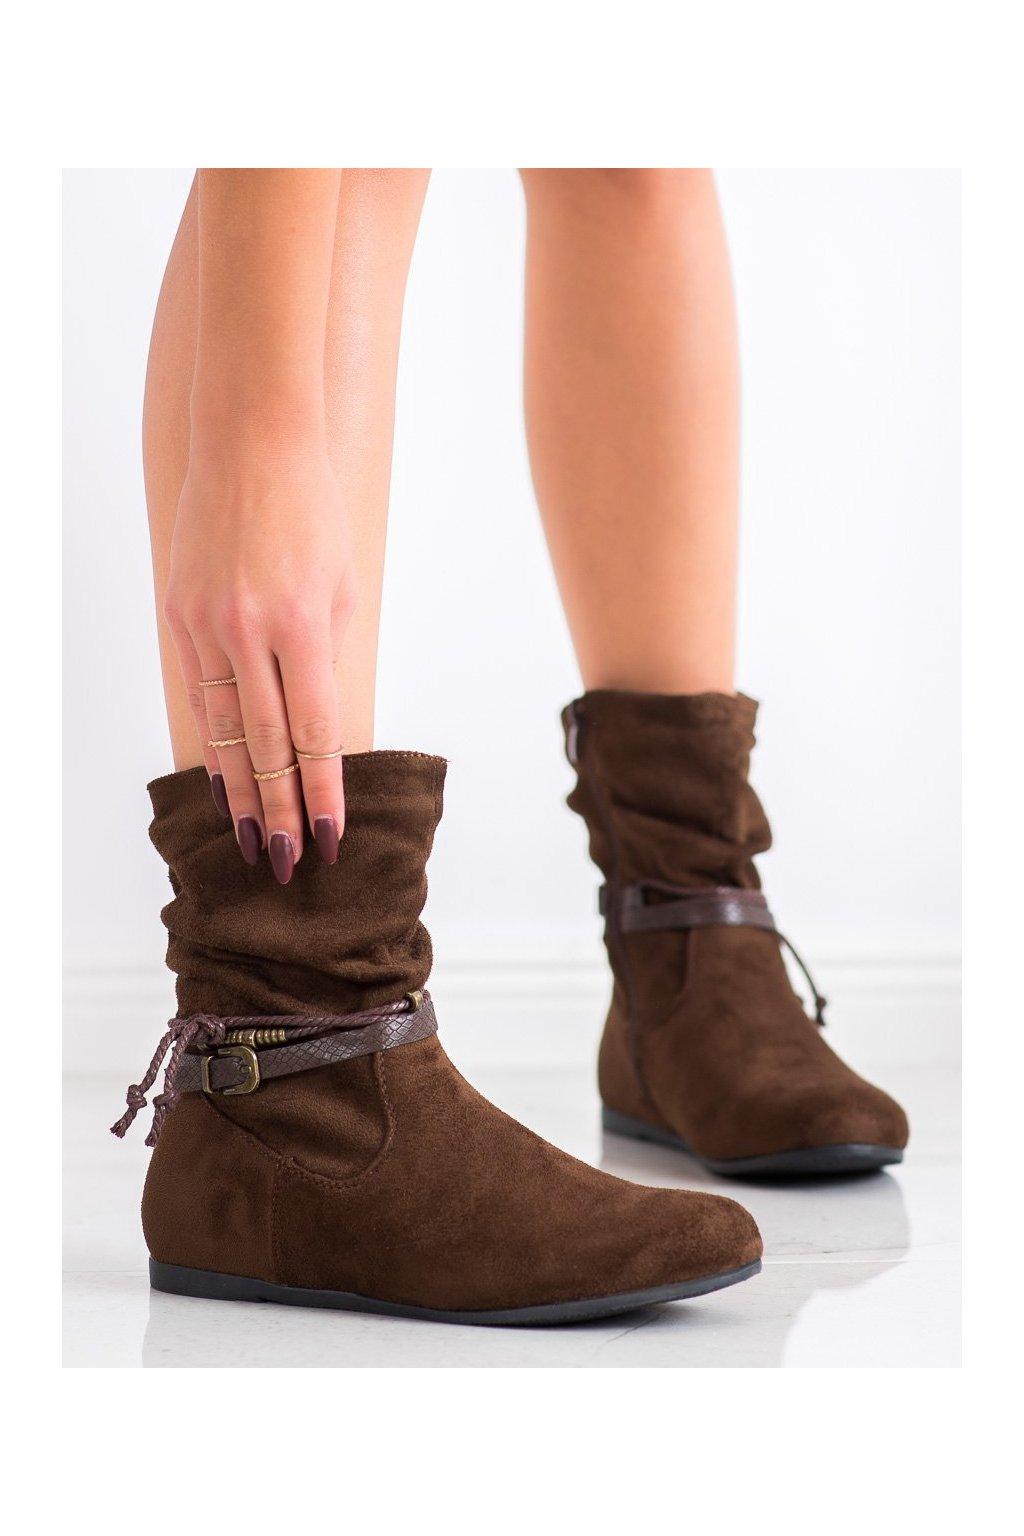 Hnedé dámske topánky Shelovet kod DH28BR